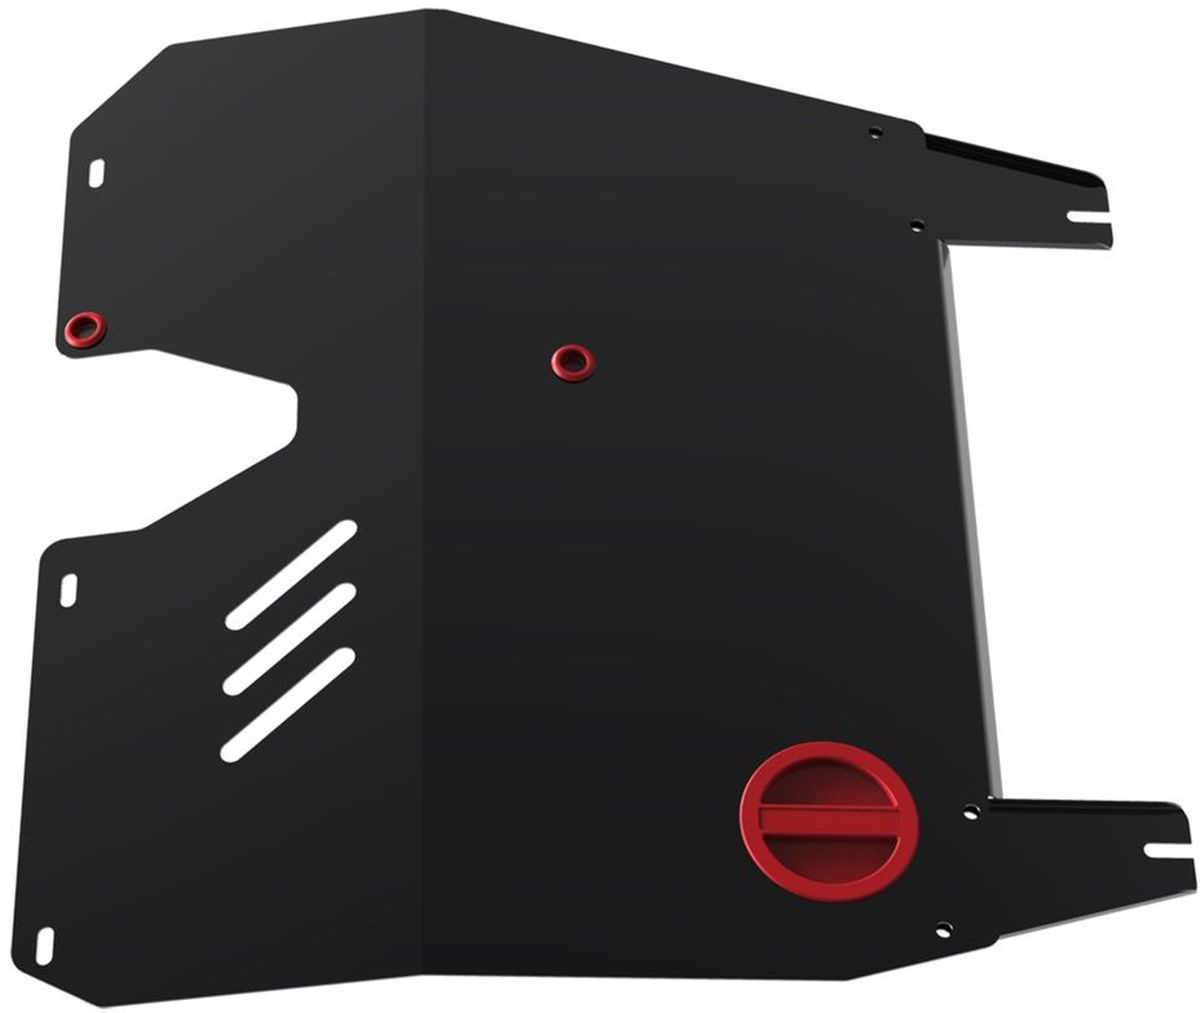 Защита картера и КПП Автоброня, для Mitsubishi Lancer IX V-1,6, 2003-2009IRK-503Защита картера и КПП Автоброня выполнена из высококачественной стали с пластиковыми вставками. Глубокий штамп усиливает конструкцию. Защита оснащена отверстием с крышкой для слива масла и виброгасящими компенсаторами.Толщина стали: 2 мм.В комплекте набор крепежа.